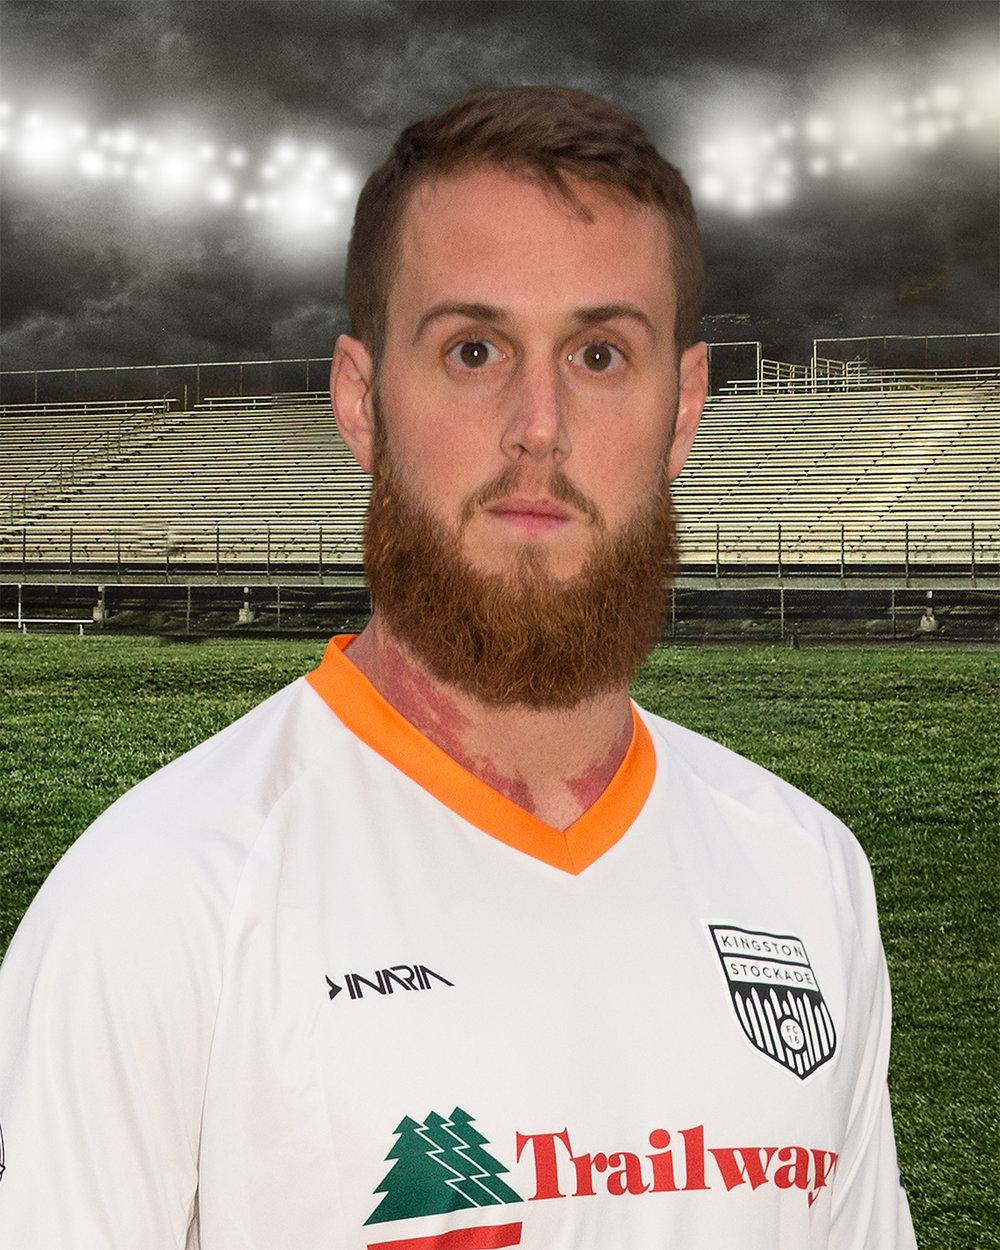 #22 Scott Zobre (M)<br>(Binghamton)<br>Poughkeepsie, NY